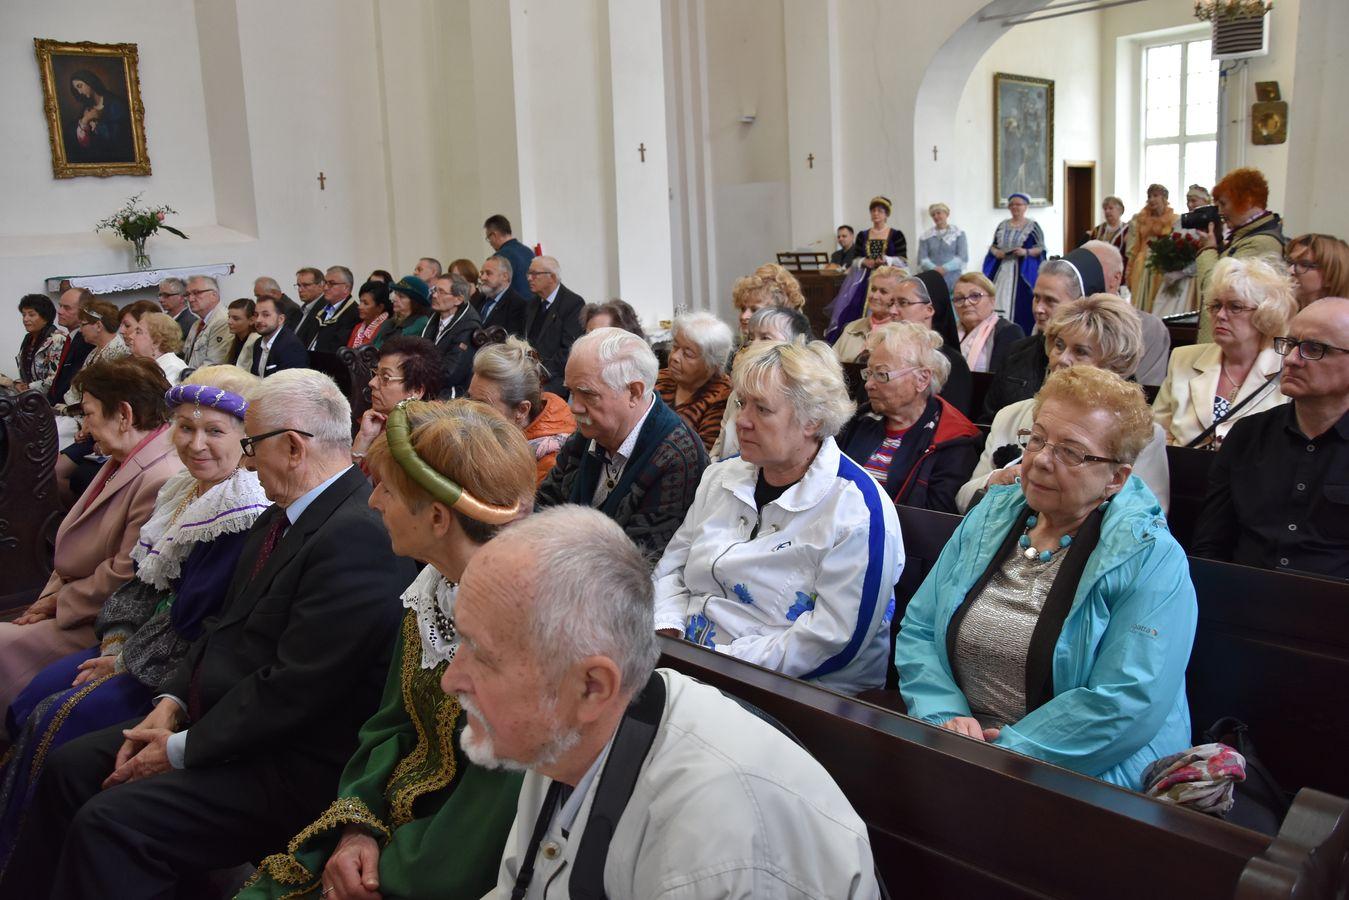 Msza św. w Kaplicy Królewskiej fot. J. Wikowski A31_7108